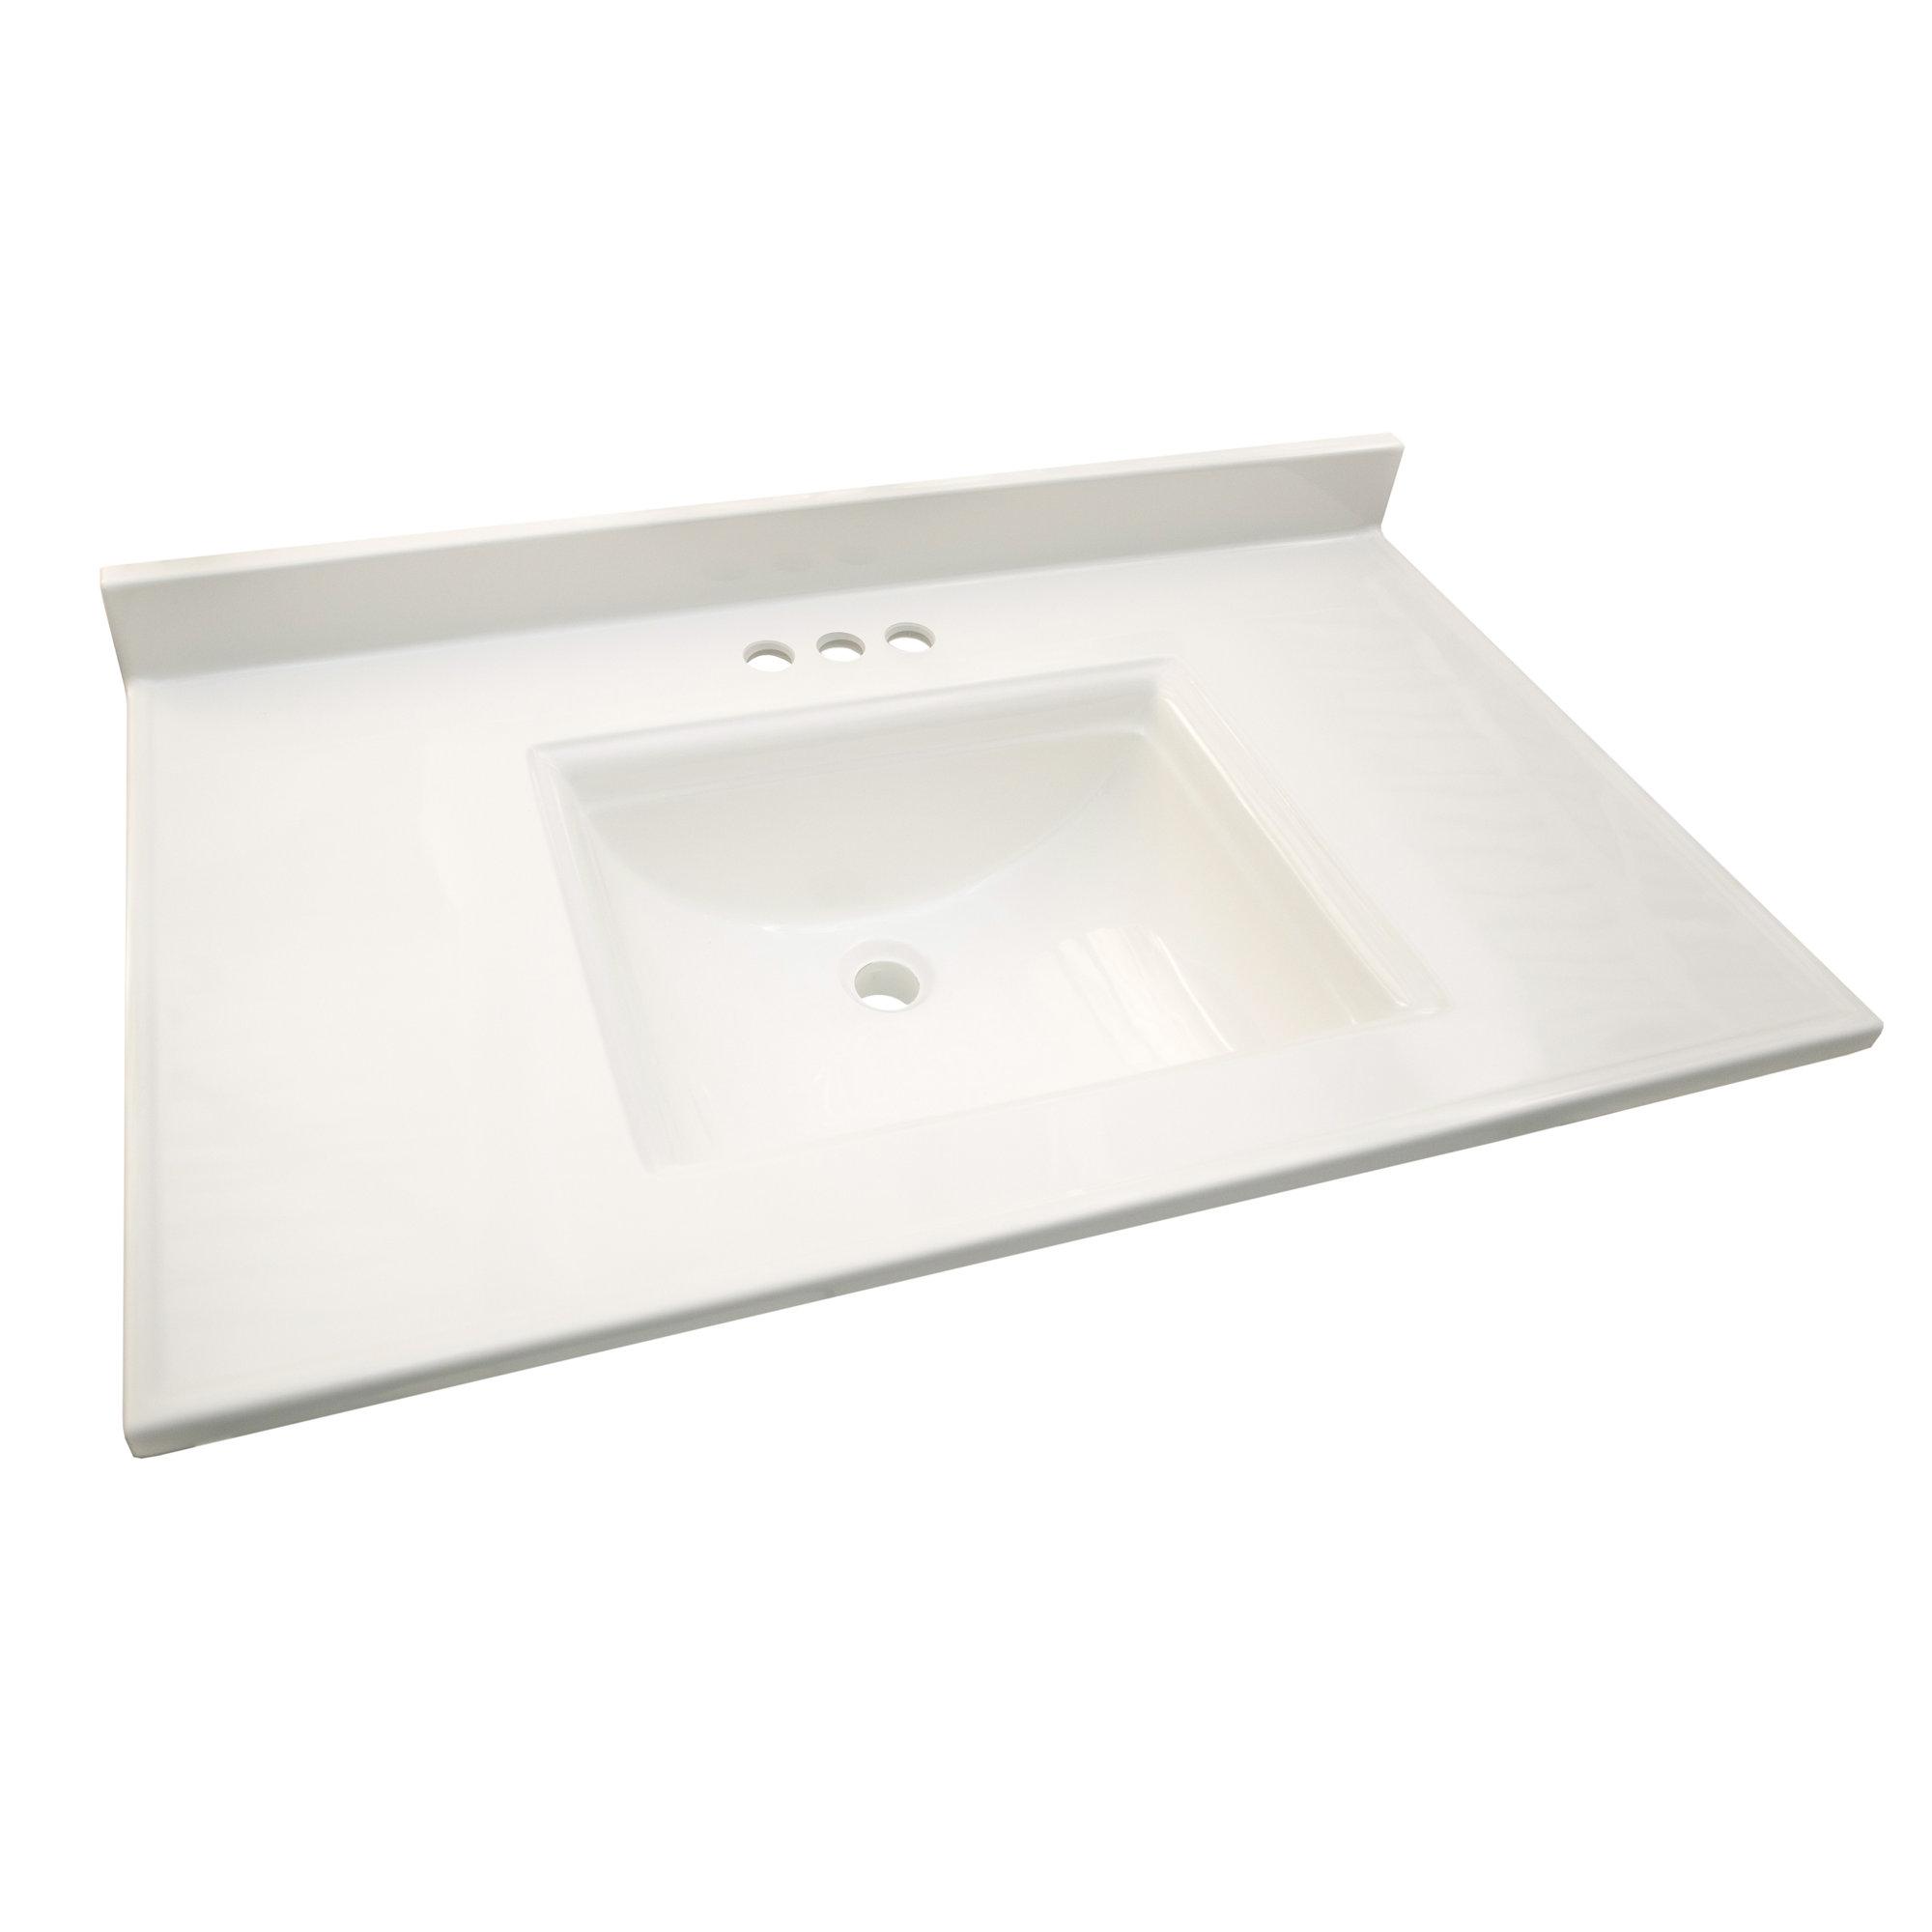 Camilla 37 Single Bathroom Vanity Top